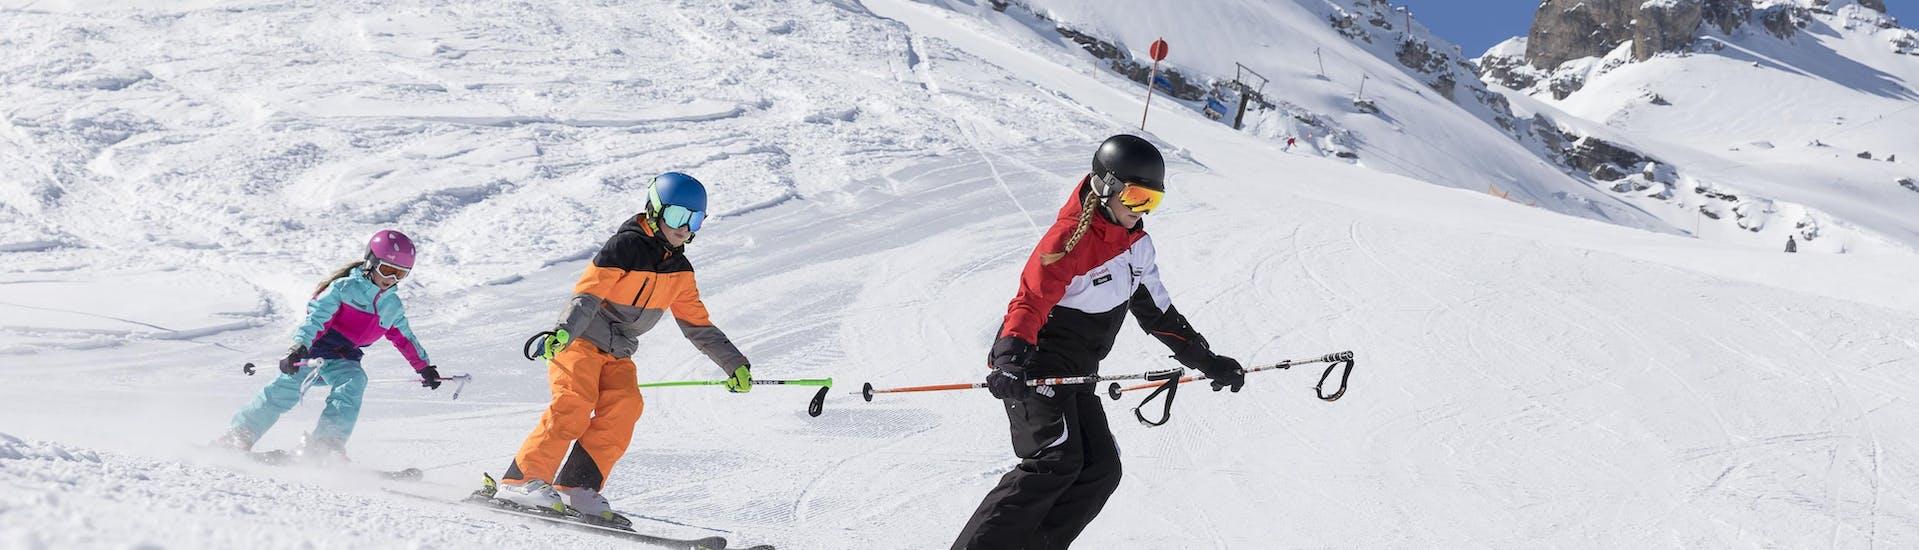 Cours de ski Enfants - Expérimentés avec Skischule Stubai Tirol - Hero image